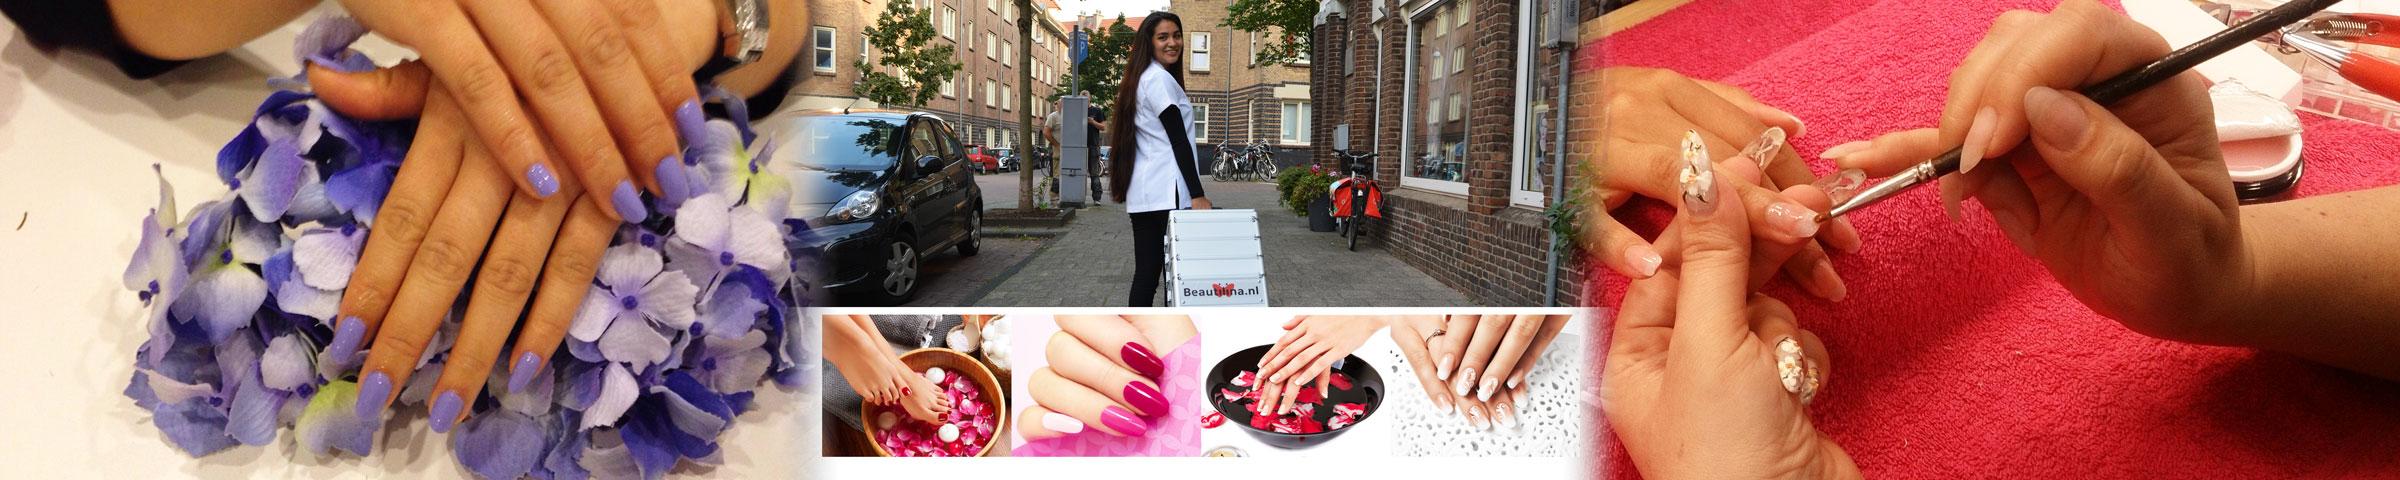 https://www.beautilina.nl/wp-content/uploads/Nagelstudio-Amsterdam-aan-Huis-3.jpg